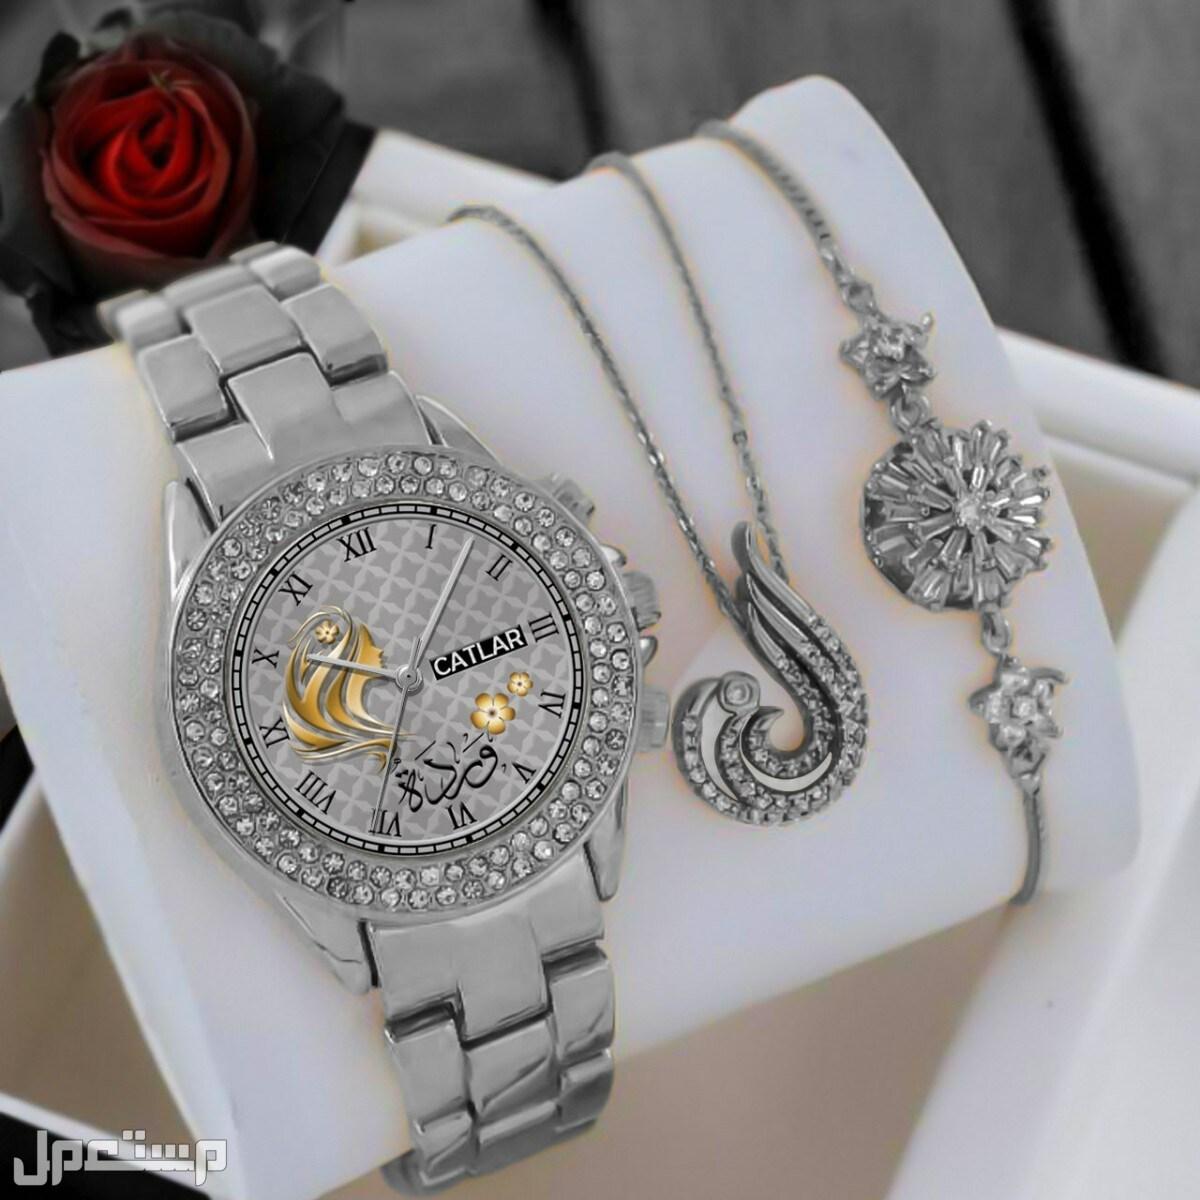 ساعات رولكس مرصعة زاركون شكل الماس بالاسم الي تبية